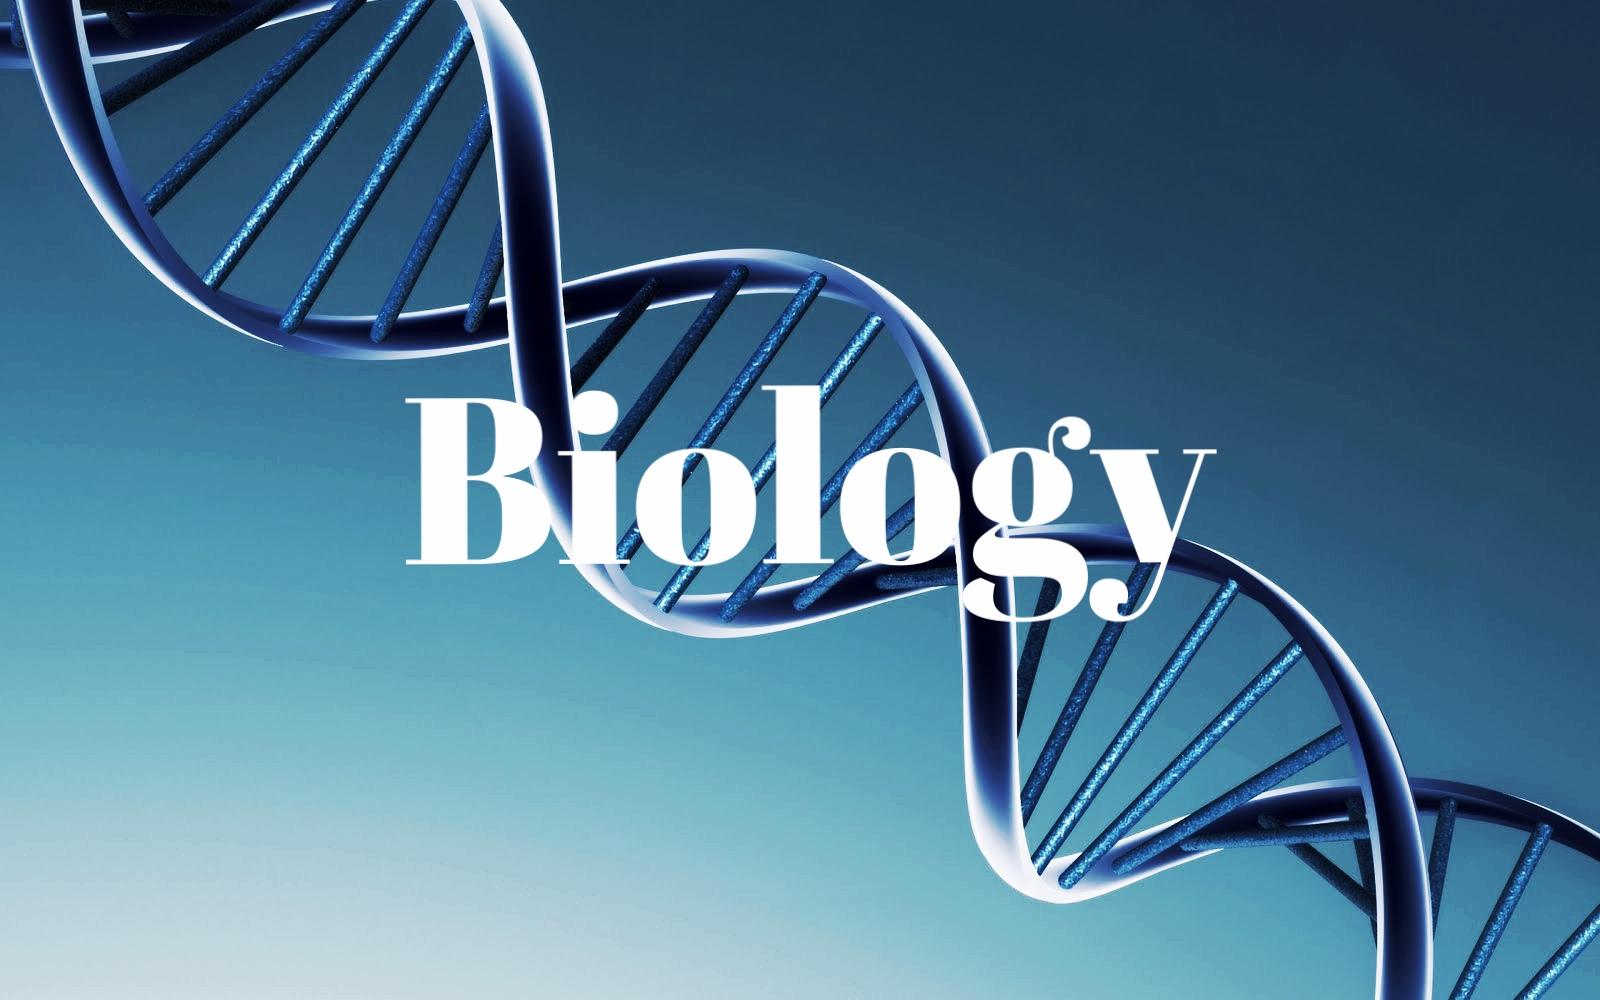 biology wallpapers-1.jpg